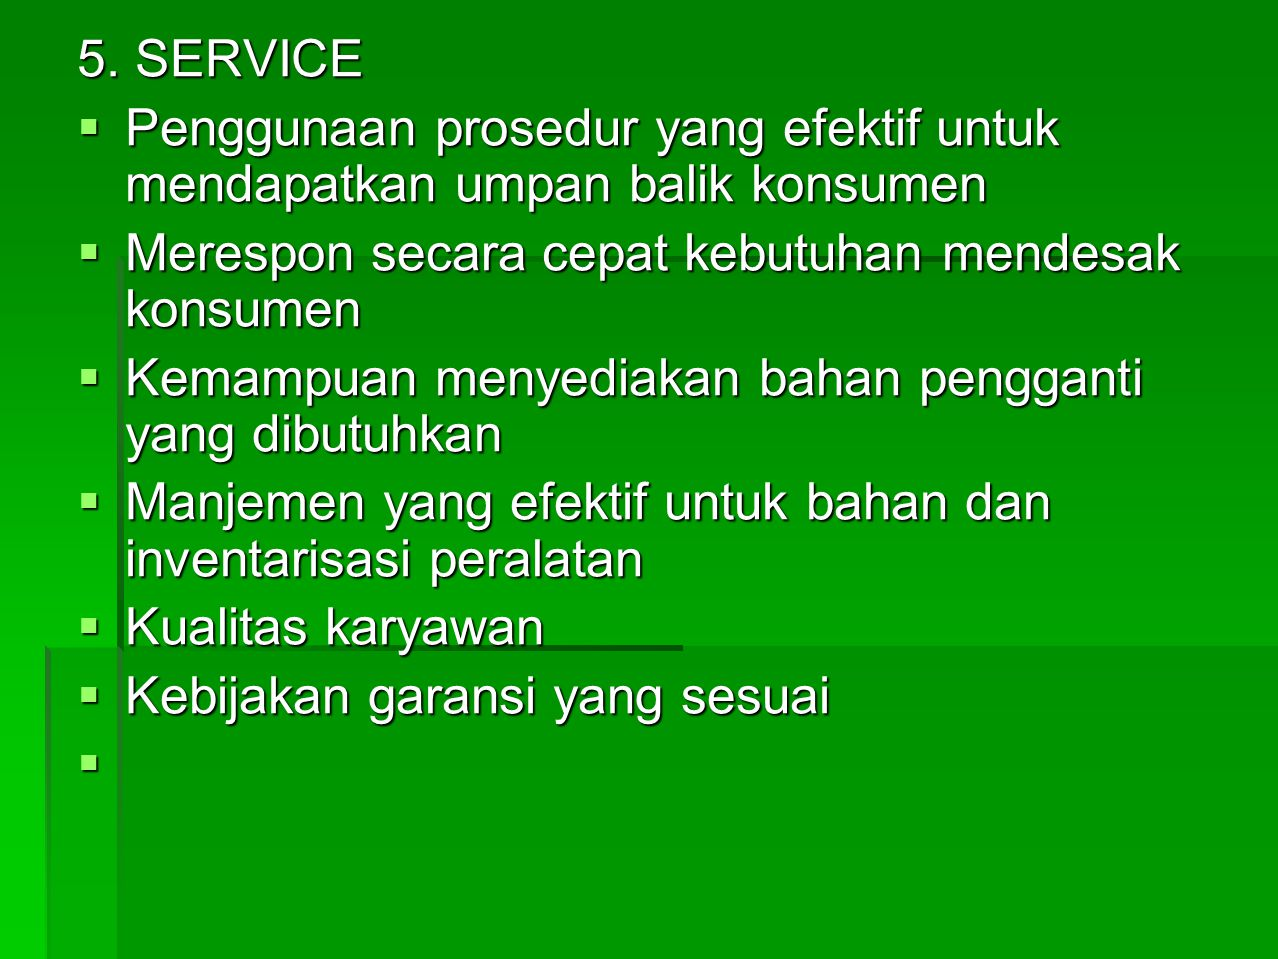 5. SERVICE Penggunaan prosedur yang efektif untuk mendapatkan umpan balik konsumen. Merespon secara cepat kebutuhan mendesak konsumen.